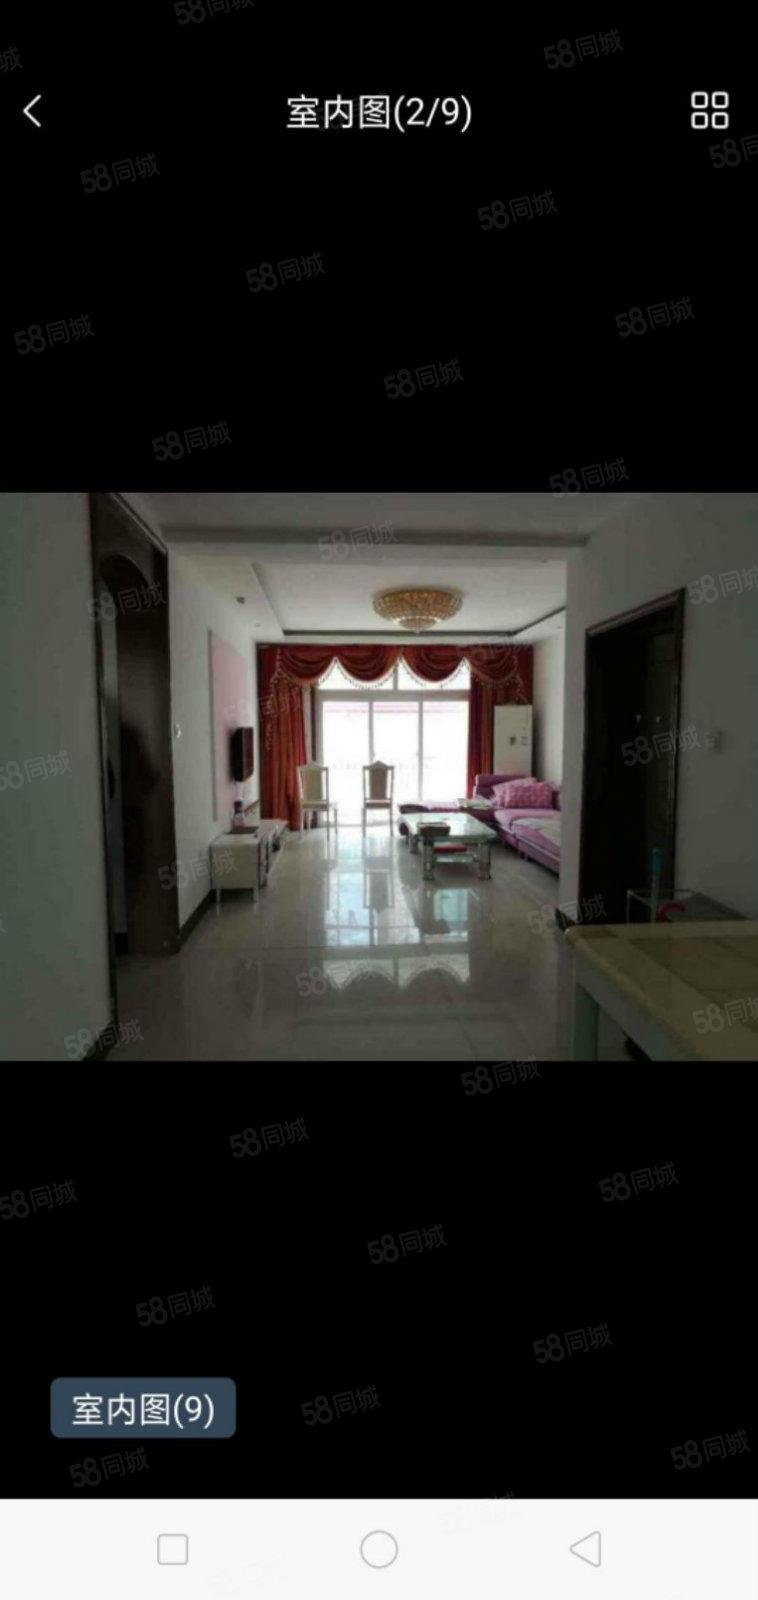 兰亭山水两室两厅出租家具家电齐全干净整洁看房方便急租